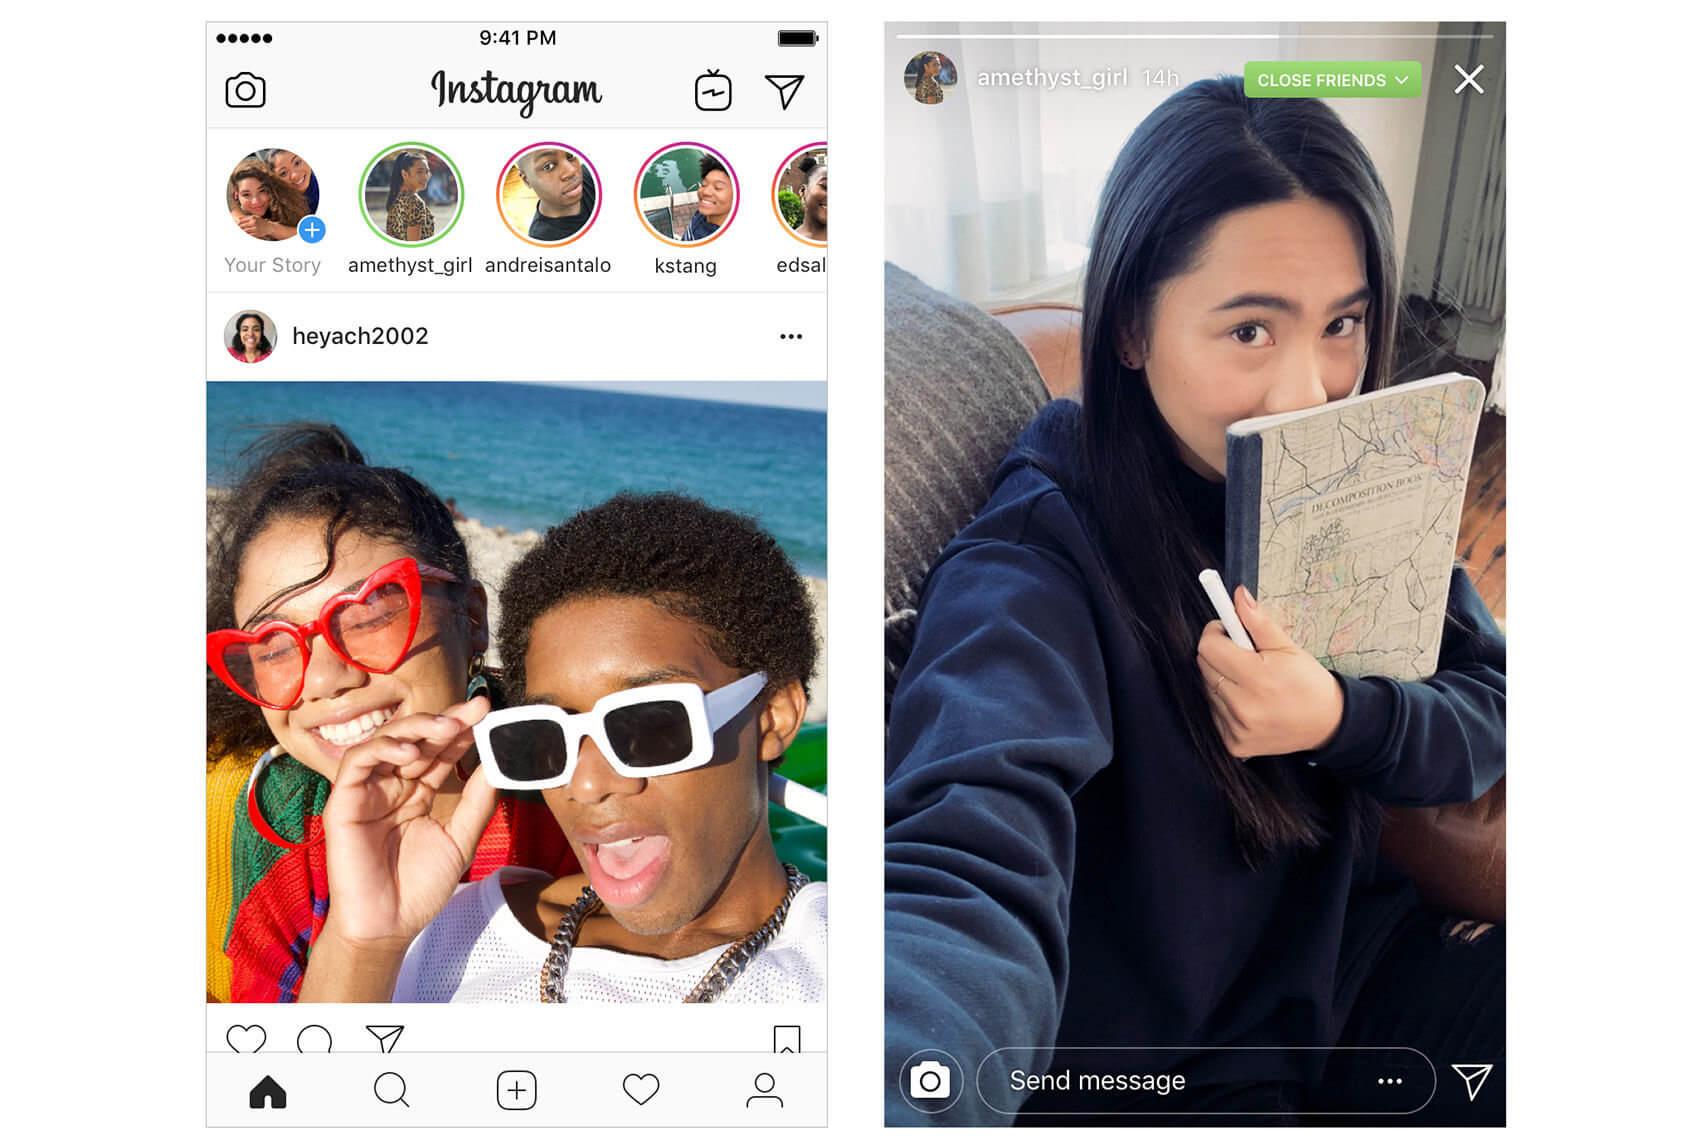 stories melhoresamigos - Instagram libera nova função de Stories só para os melhores amigos (grupos fechados)